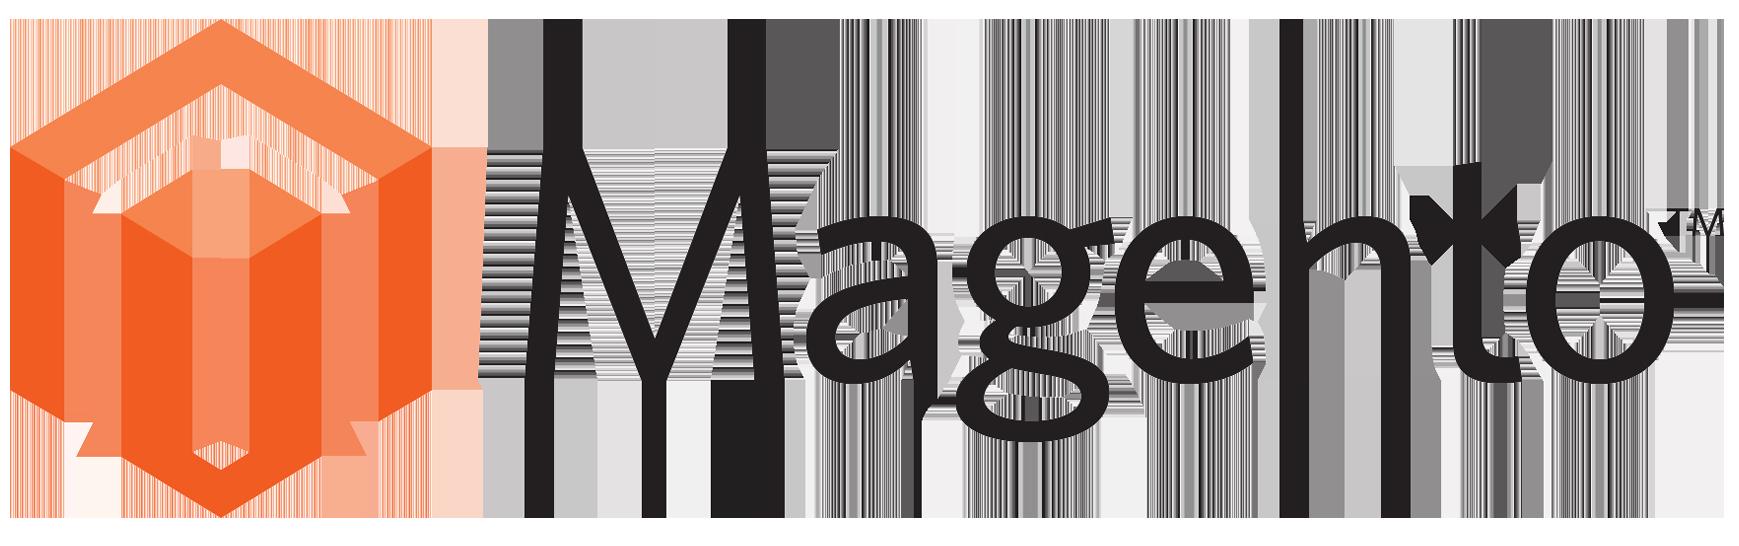 magento-platform.png